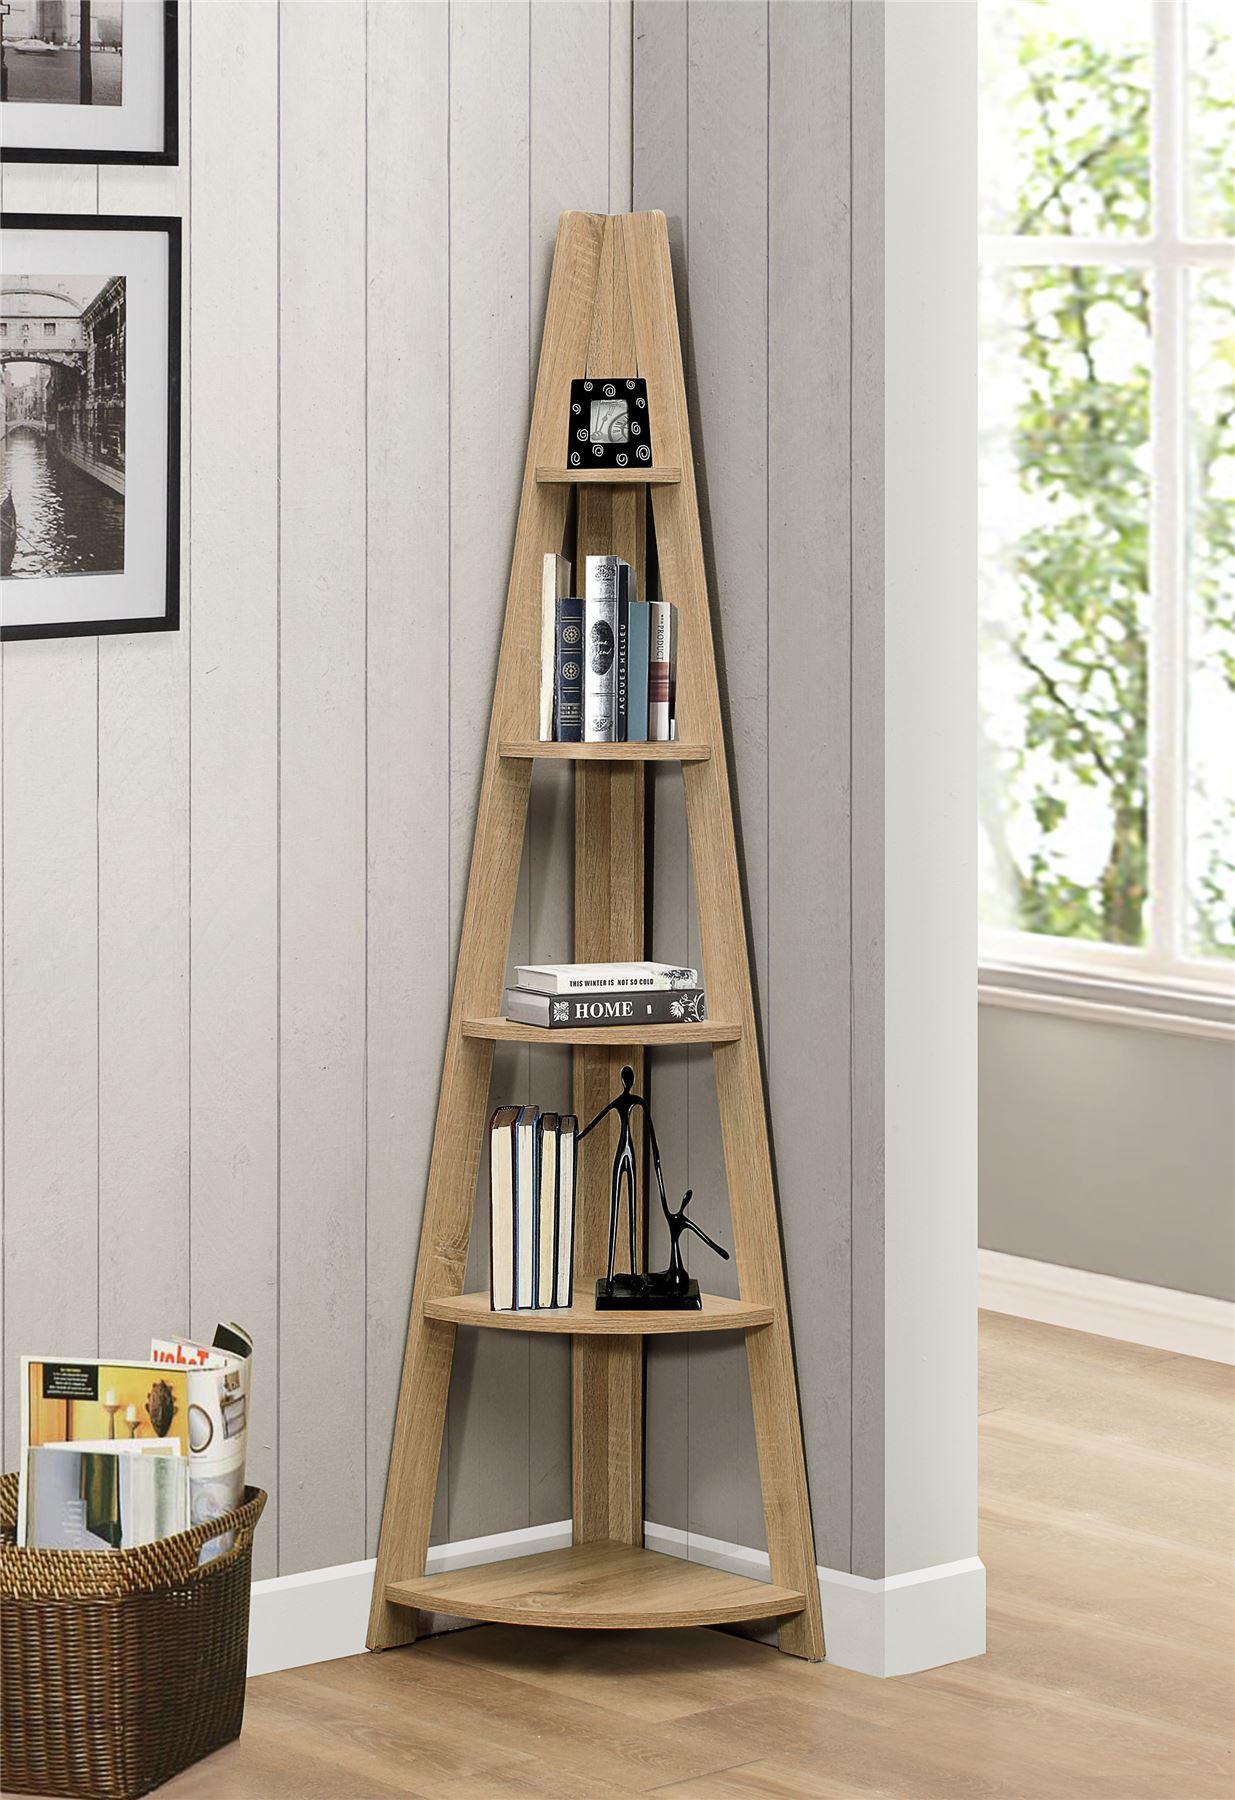 Casual Home 5 Shelf Corner Ladder Bookcase In Espresso ... |Corner Ladder Bookshelf